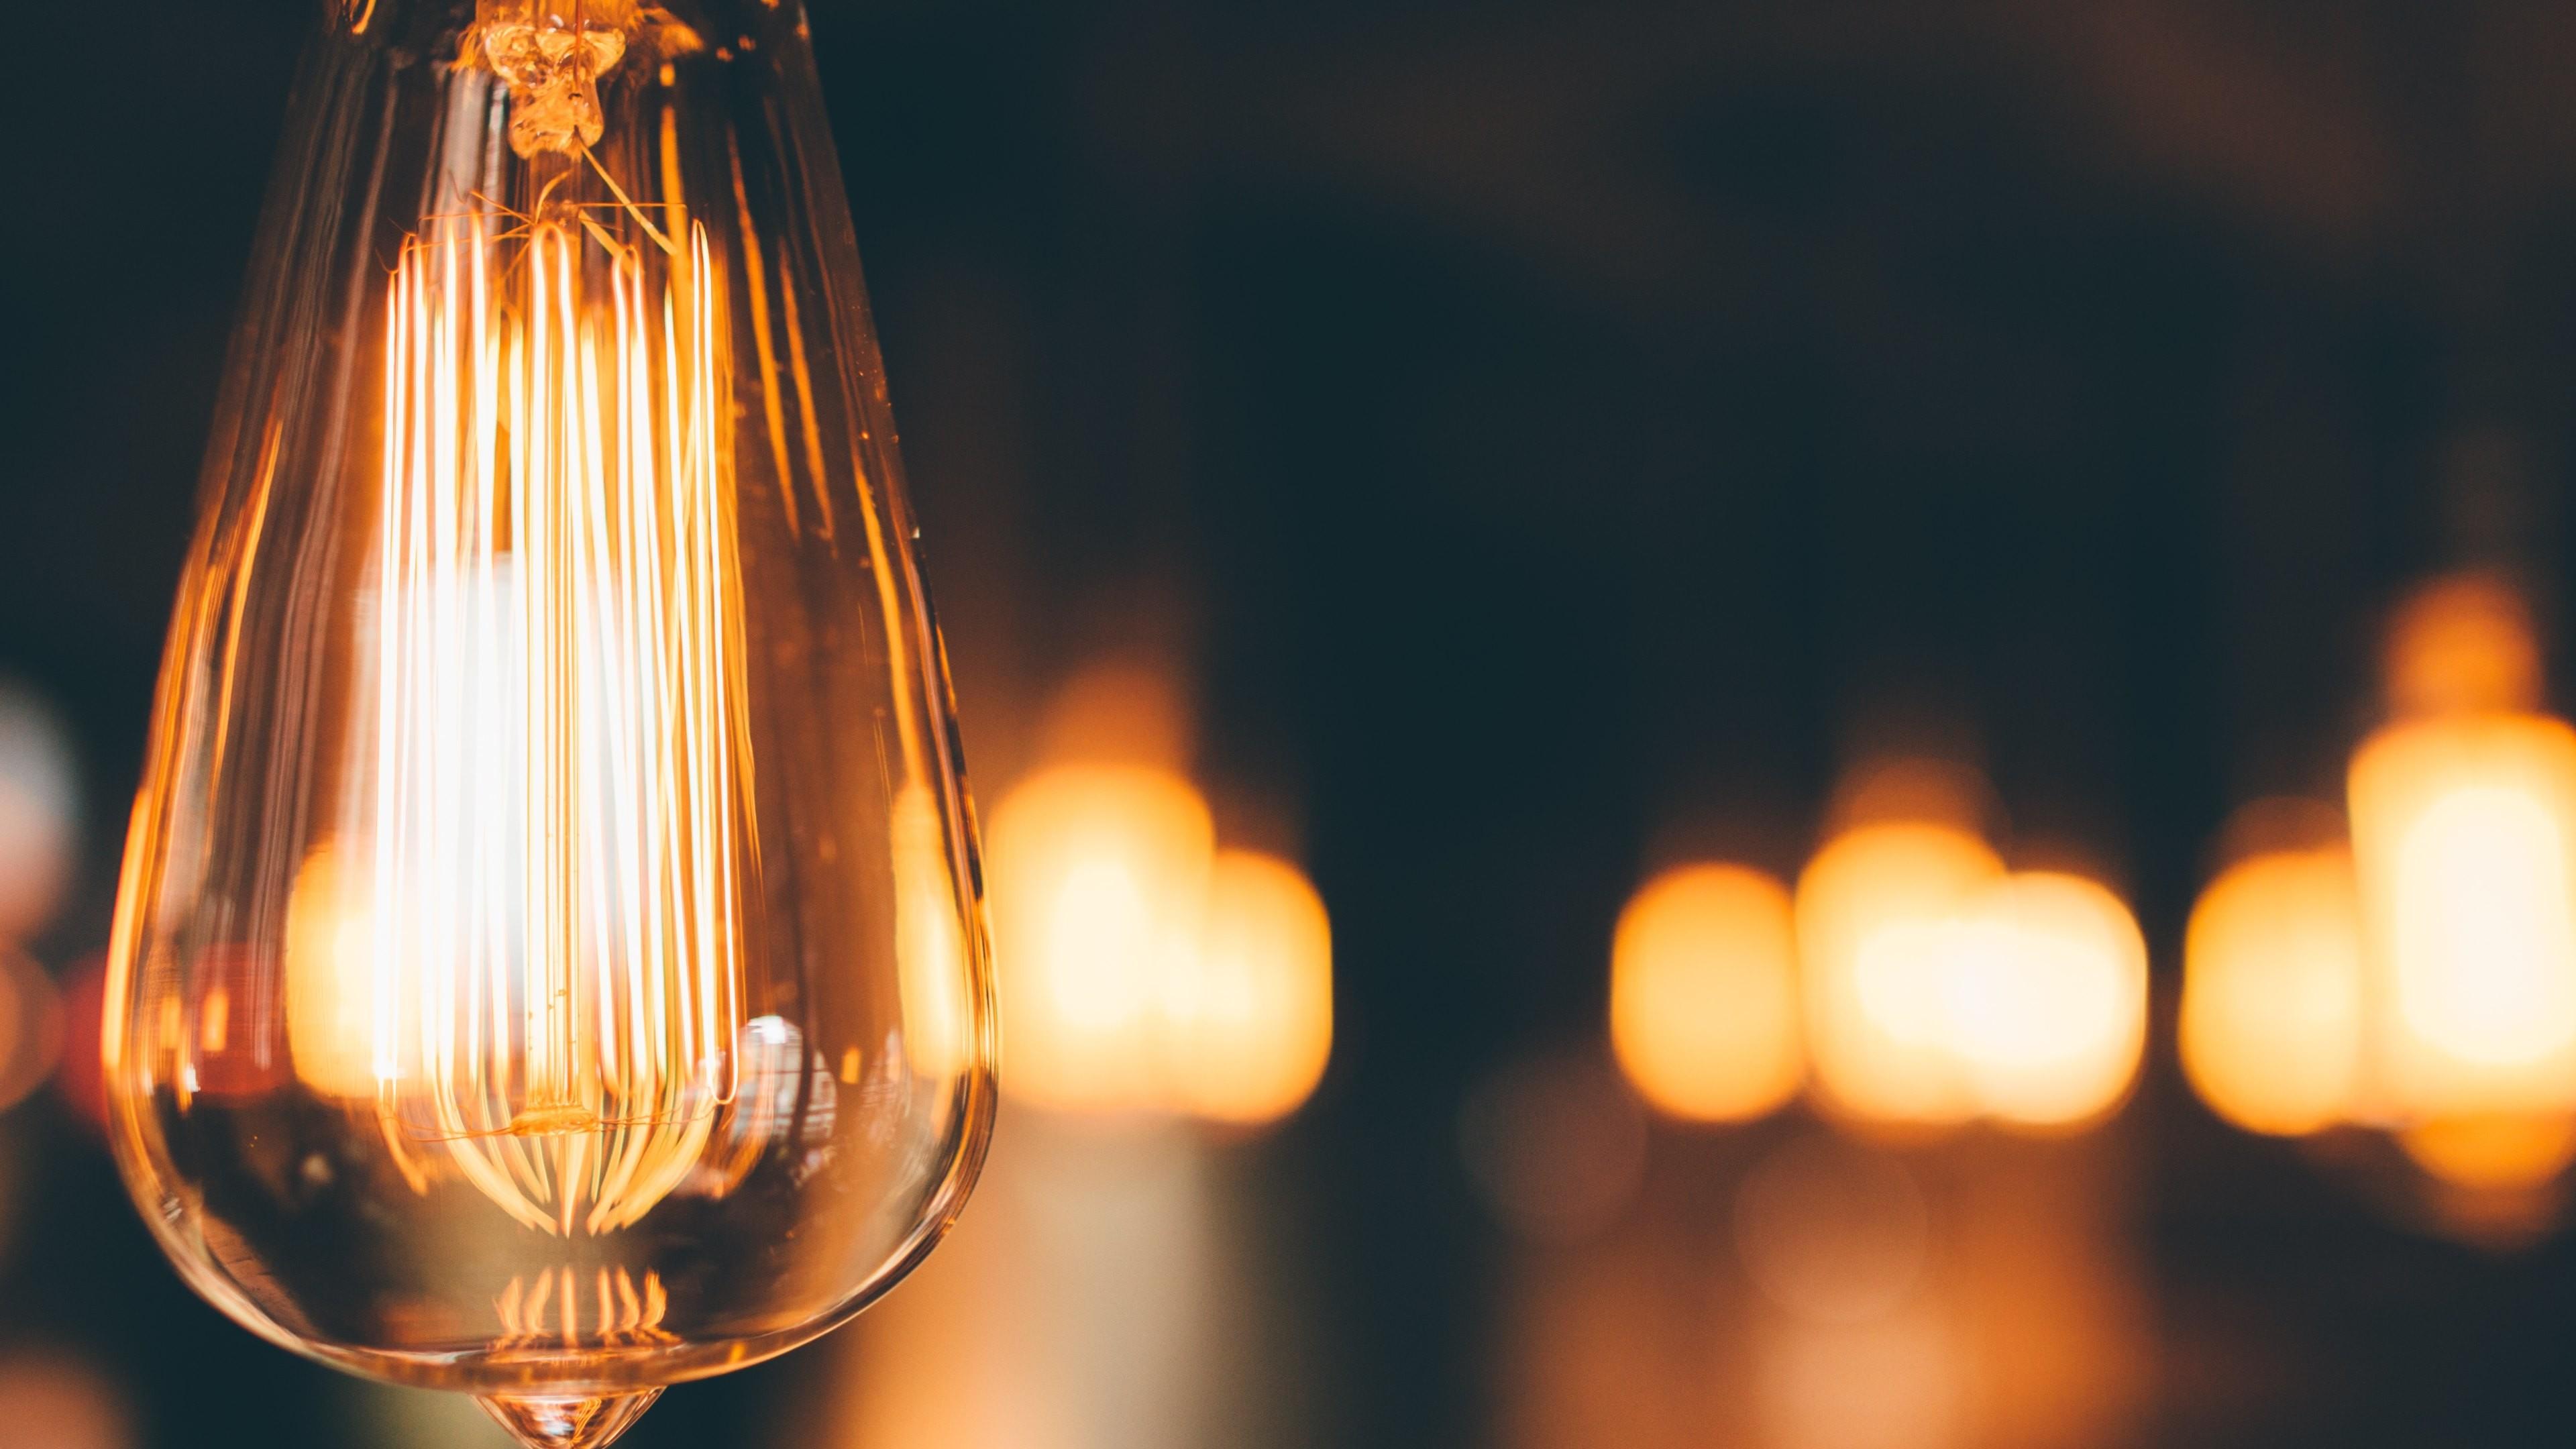 Light Bulb From Storyville Coffee Lights Wallpaper Hd 3840x2160 Download Hd Wallpaper Wallpapertip